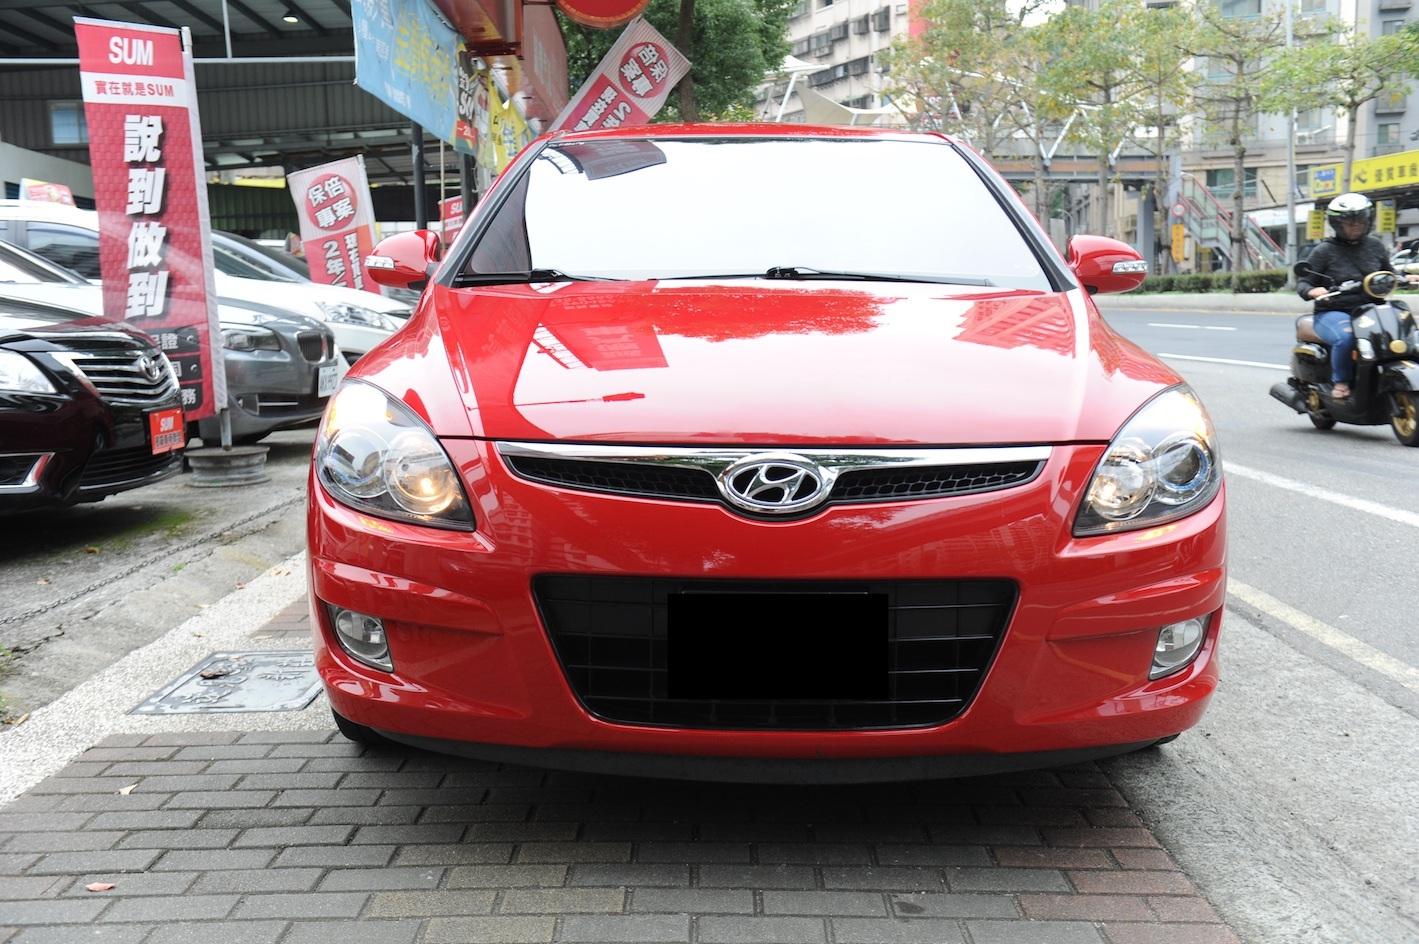 2011 Hyundai 現代 I30